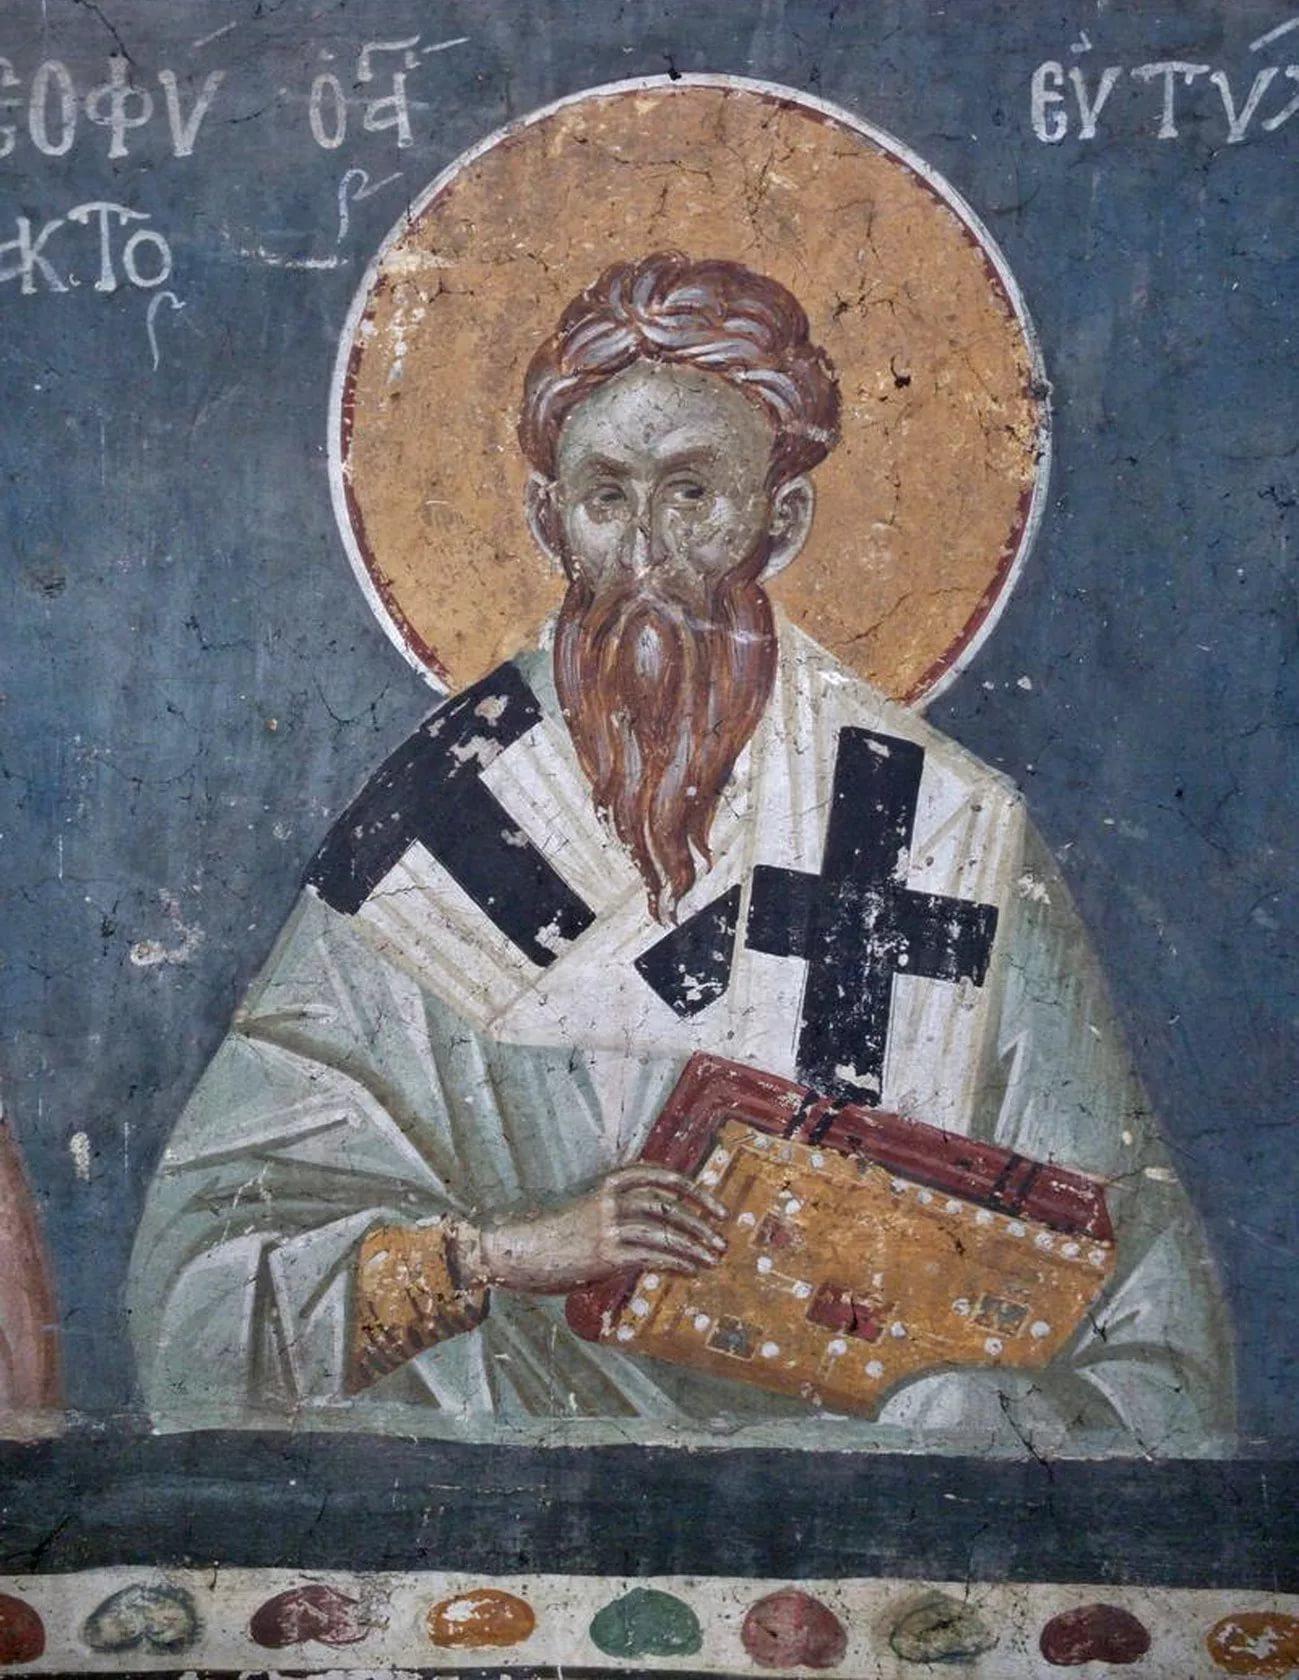 Какой сегодня праздник 19 апреля 2019: церковный праздник Евтихий Тихий да Ерема Пролетный отмечают в России